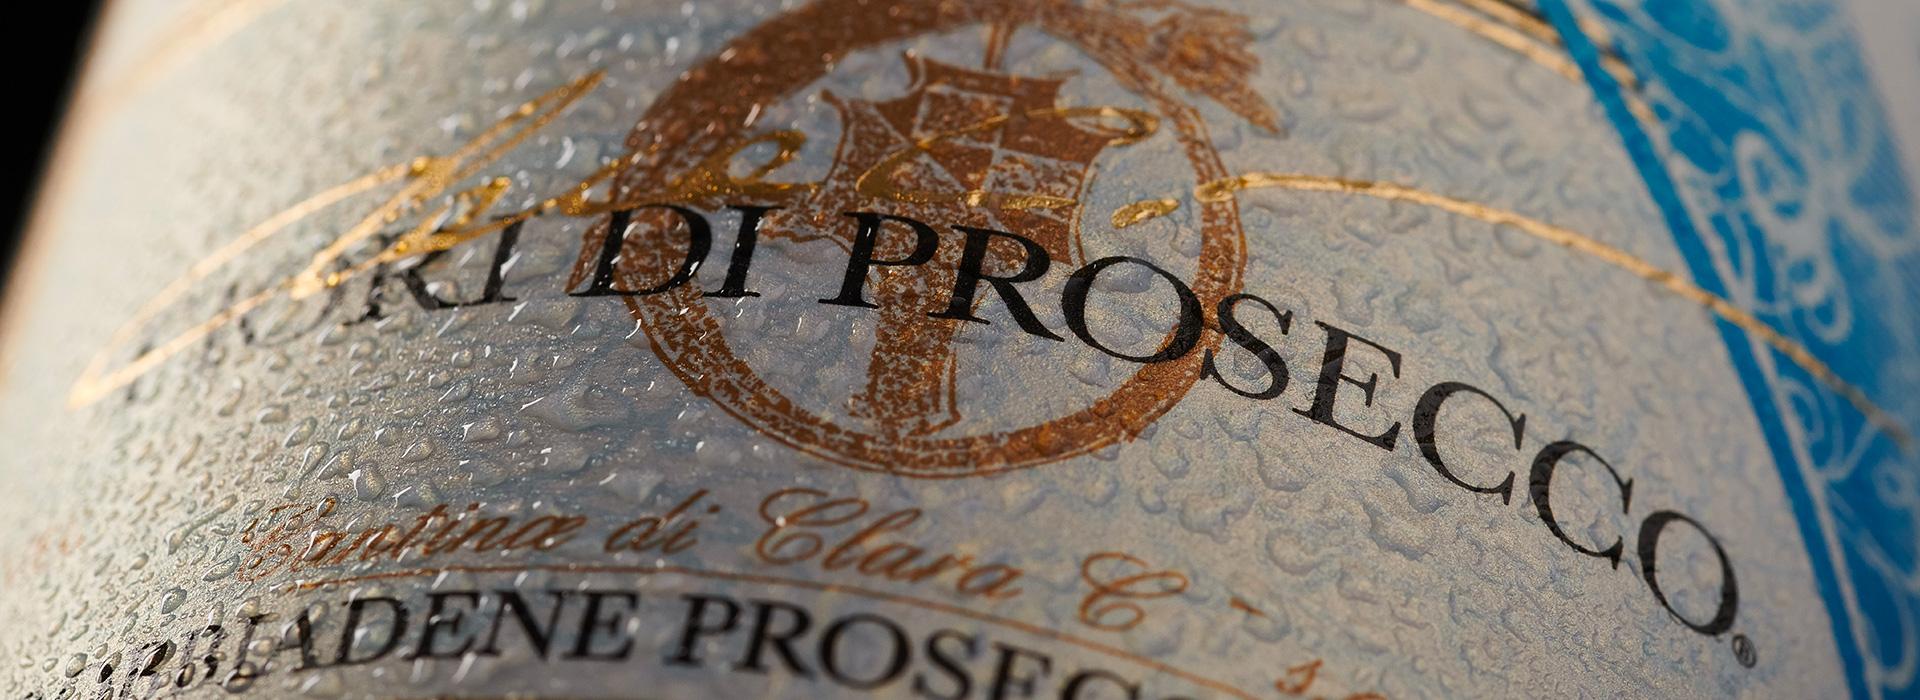 Fiori Di Prosecco Cuvèe Extra Dry